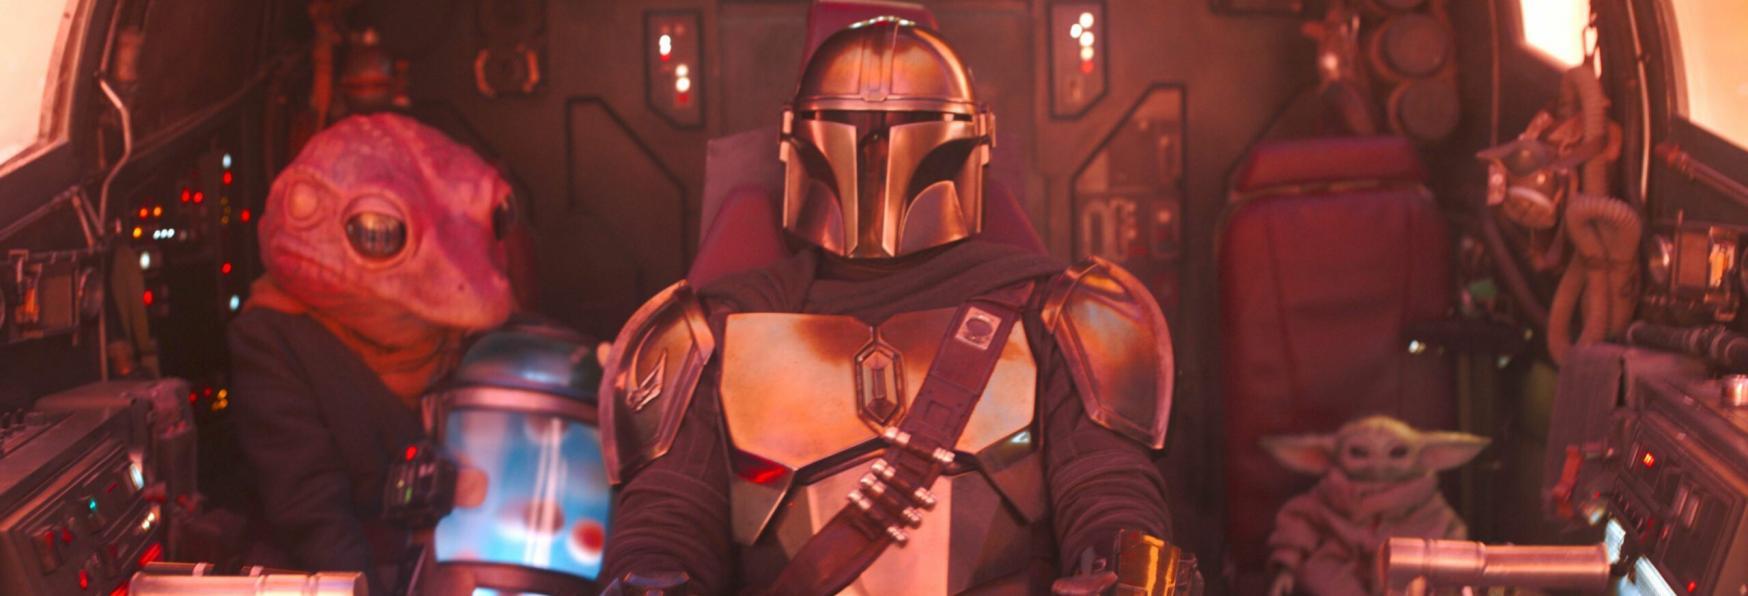 The Mandalorian si Concluderà con la 4° Stagione? I Rumor sulla Serie TV Star Wars